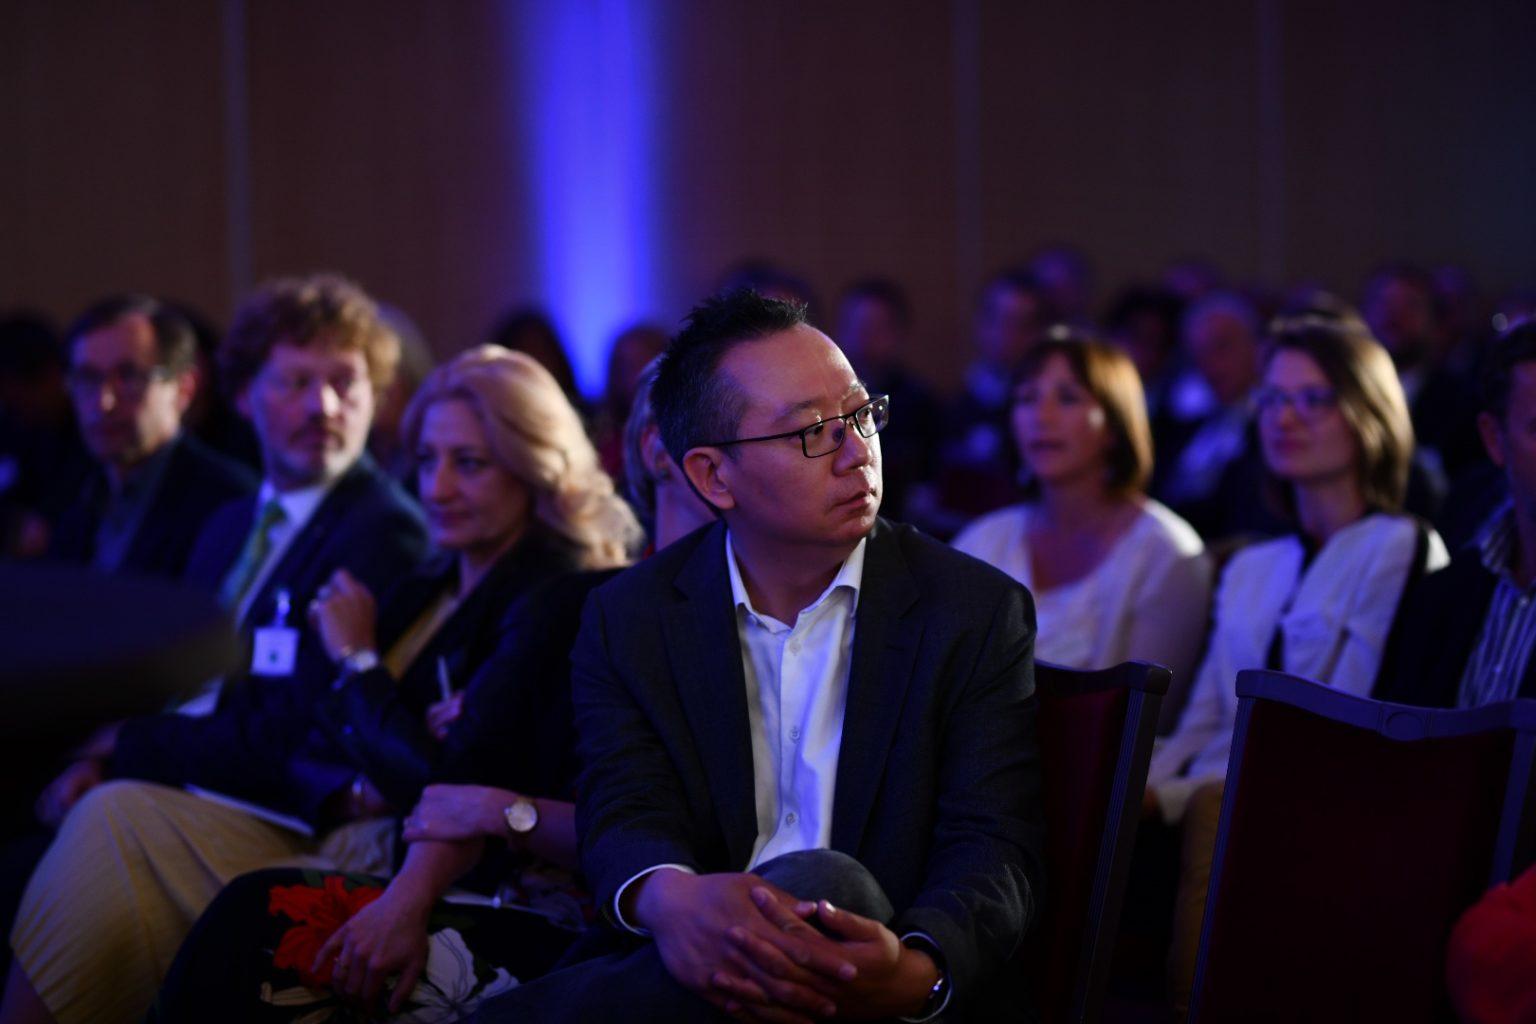 Geoffroy Josquin, fondateur d'Event4Biz, Nuit des Entrepreneurs Inspirants, Namur